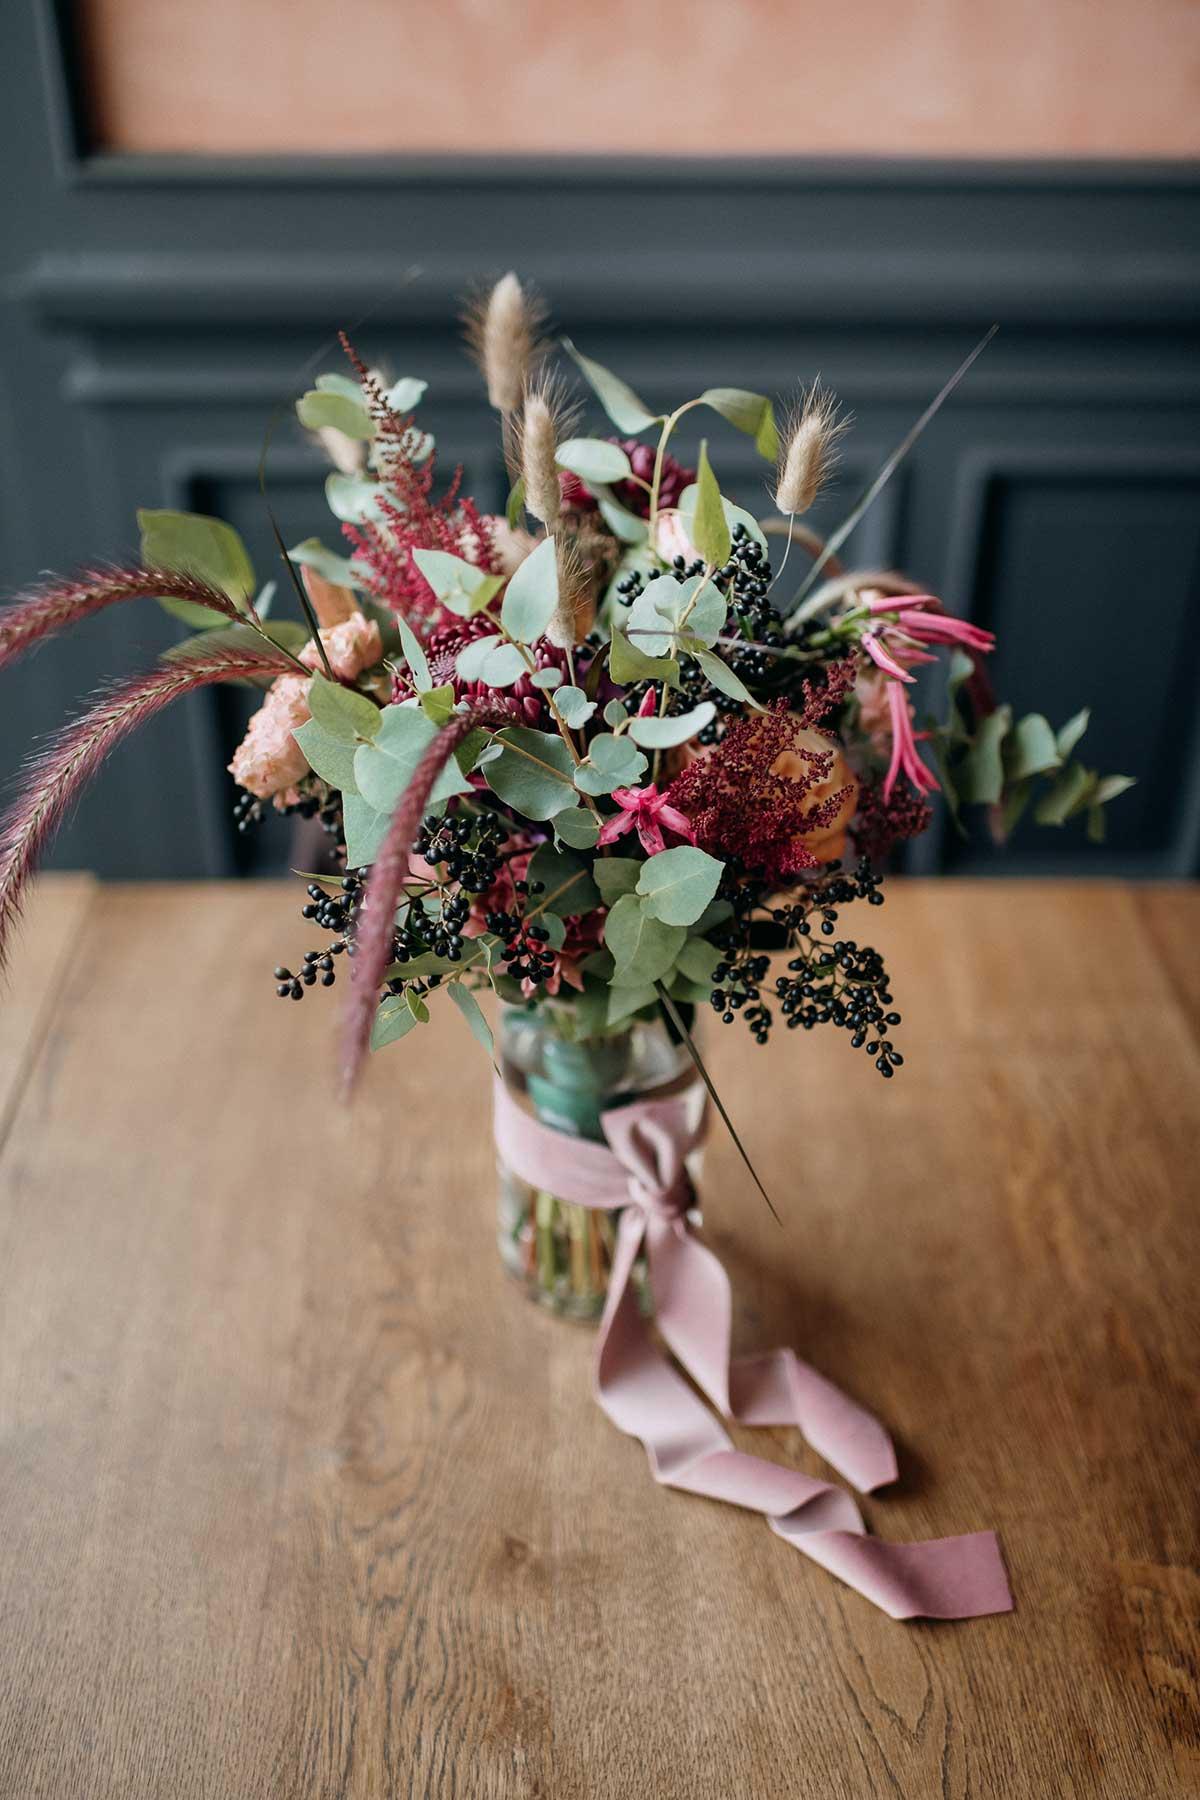 Brautstrauß mit Tischdeko mit pinken und Suchergebnisse Webergebnisse Bordeauxrot farbenen Blumen